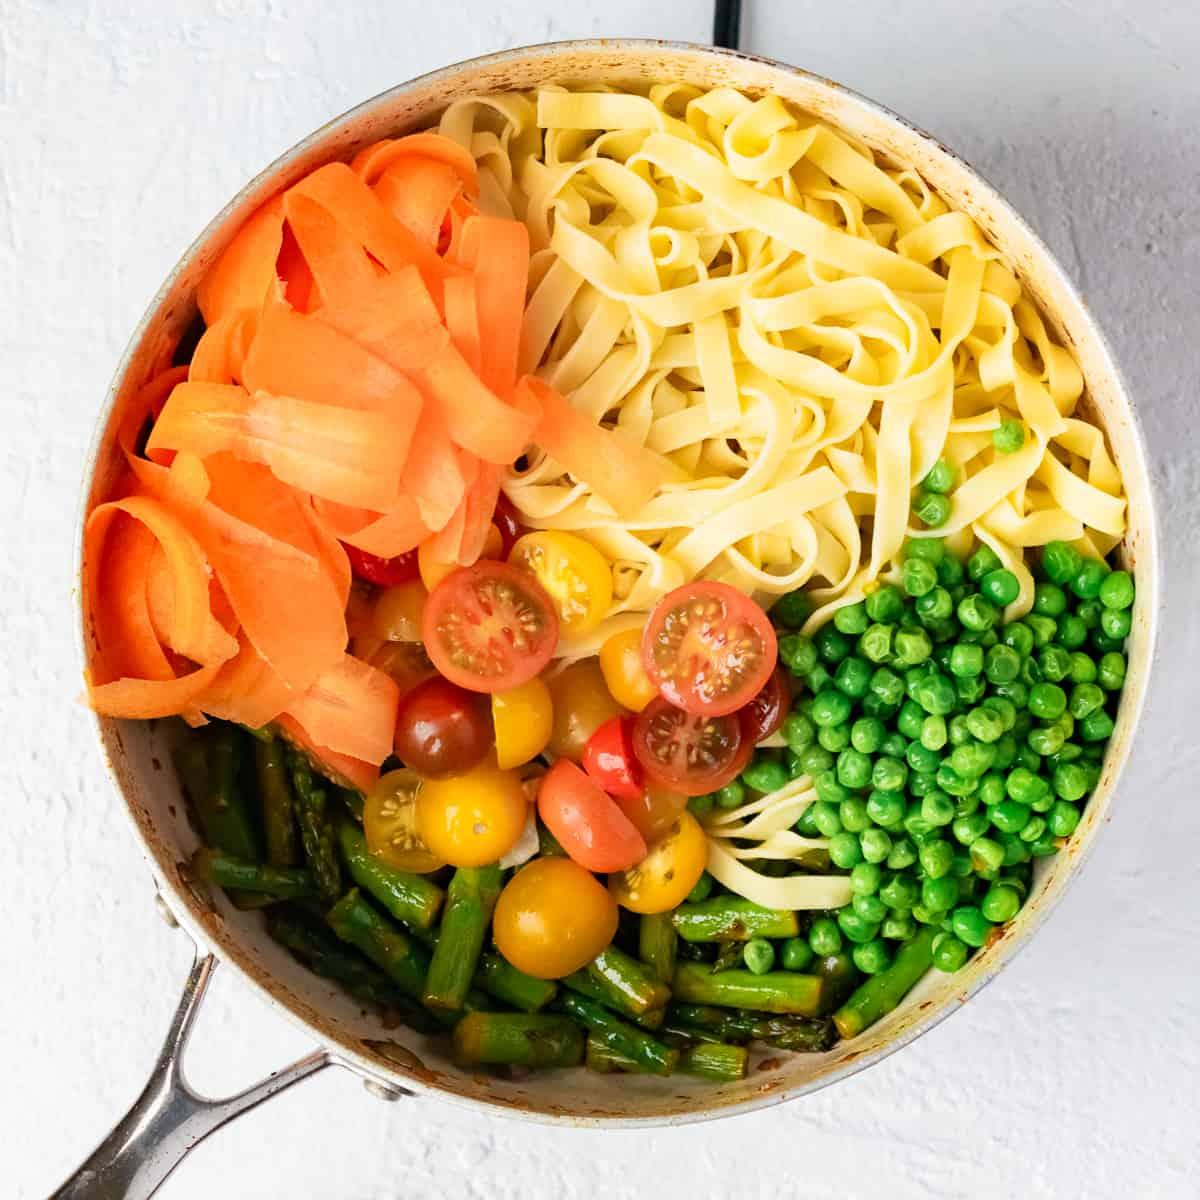 Pasta. vegetables, Parmesan and black pepper in a skillet.